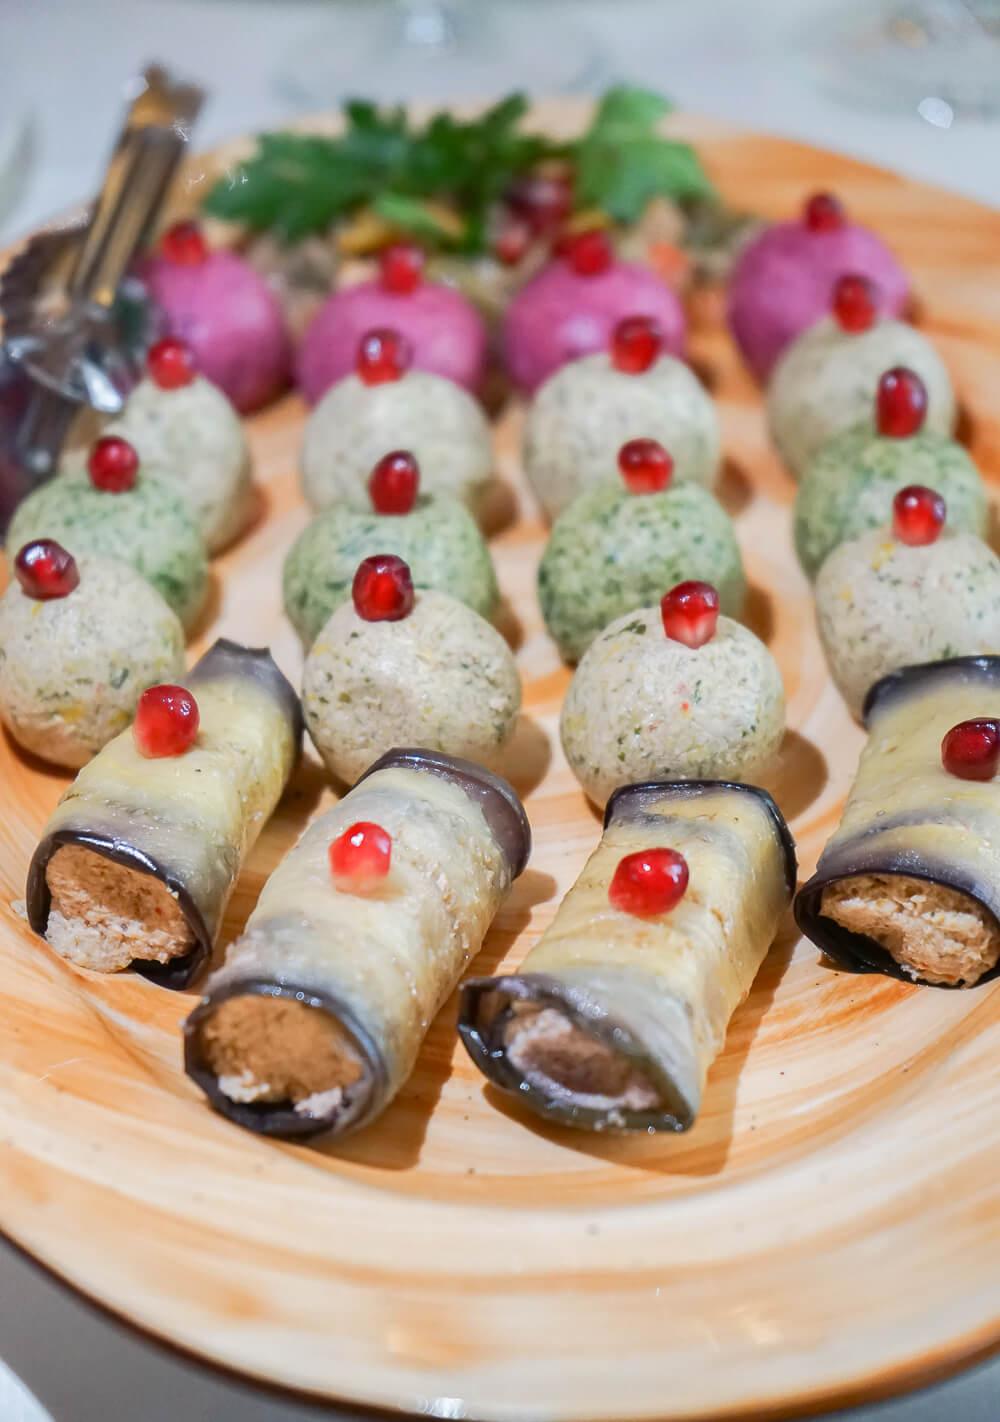 Mindal Café, St. Petersburg - gefüllte Auberginen mit Walnusspaste und mehr